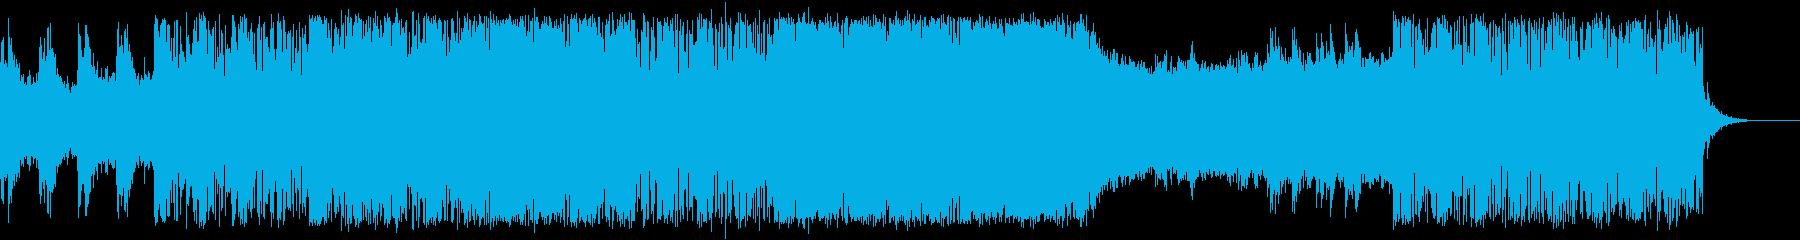 作戦決行のシーン・エレクトロの再生済みの波形